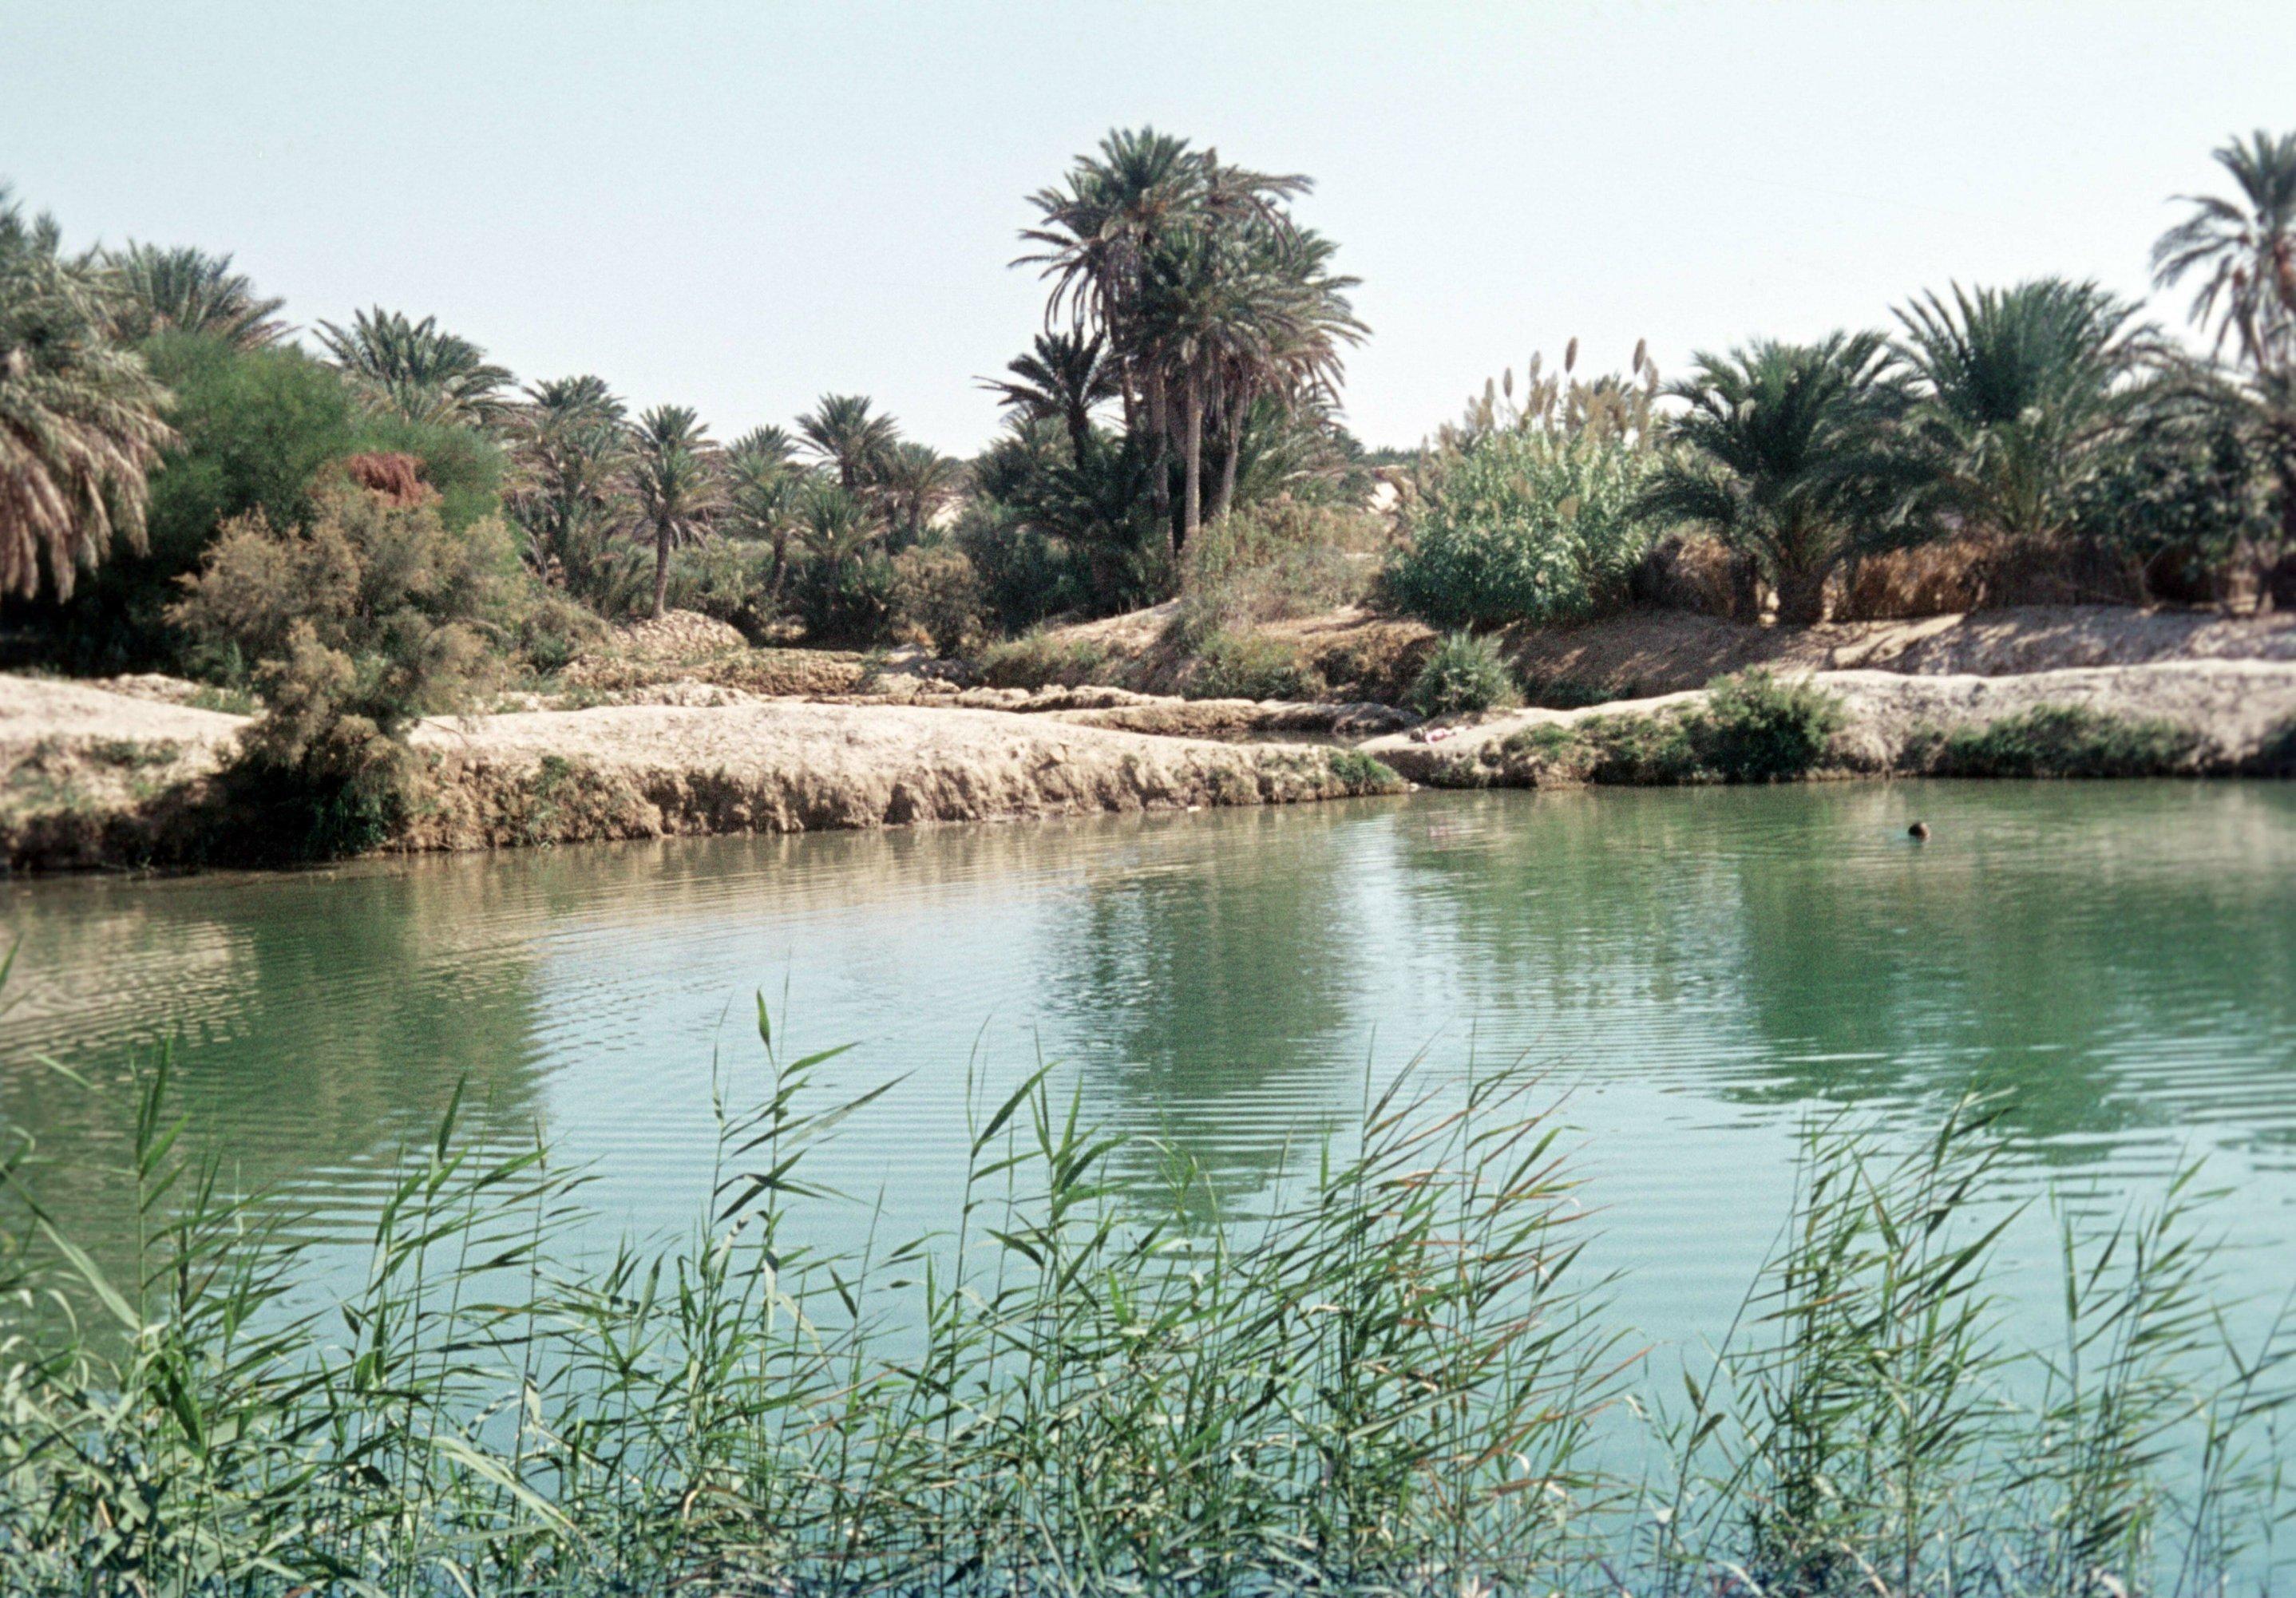 Historisches Foto der Oase von Kebili. Die Wasserquelle bildet einen kleinen See, im Hintergrund sind Palmen zu sehen.